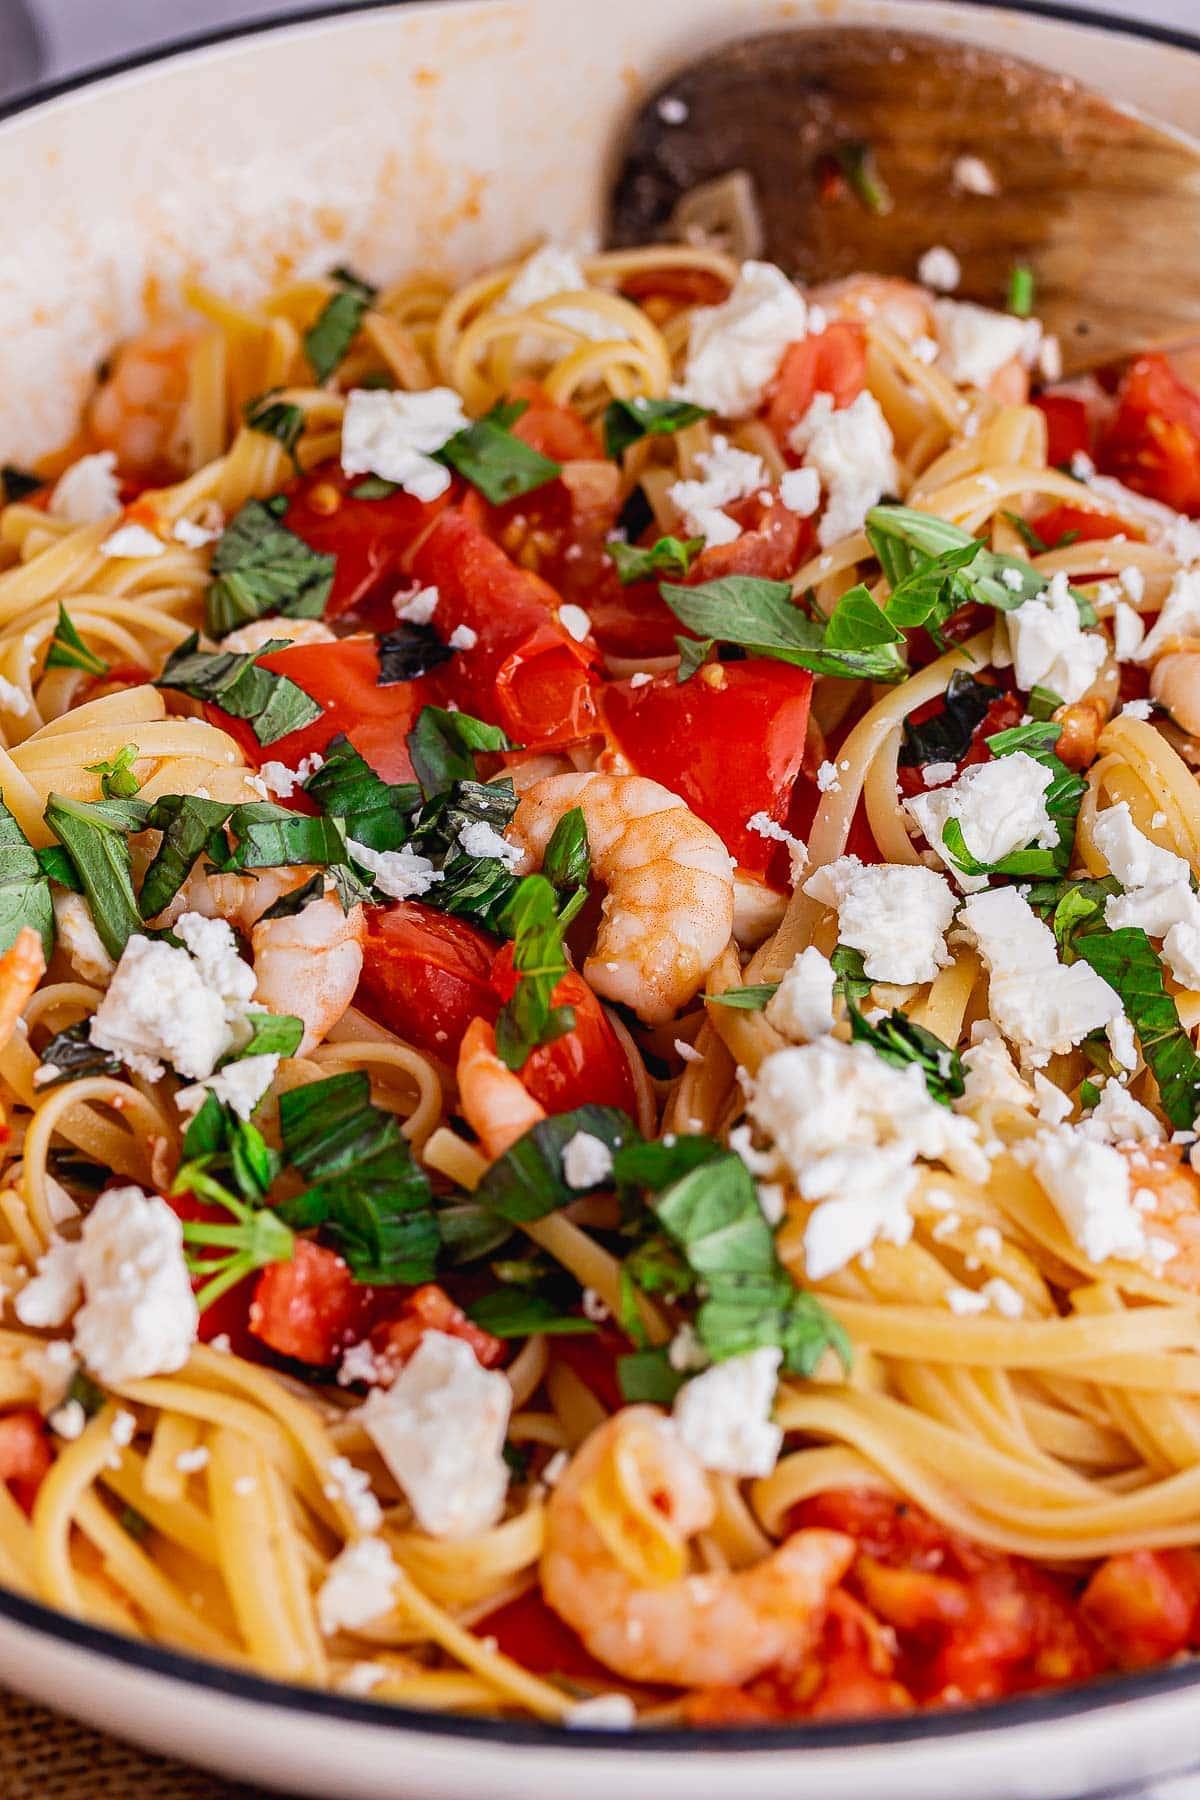 Pasta with tomato and feta in a cream dish